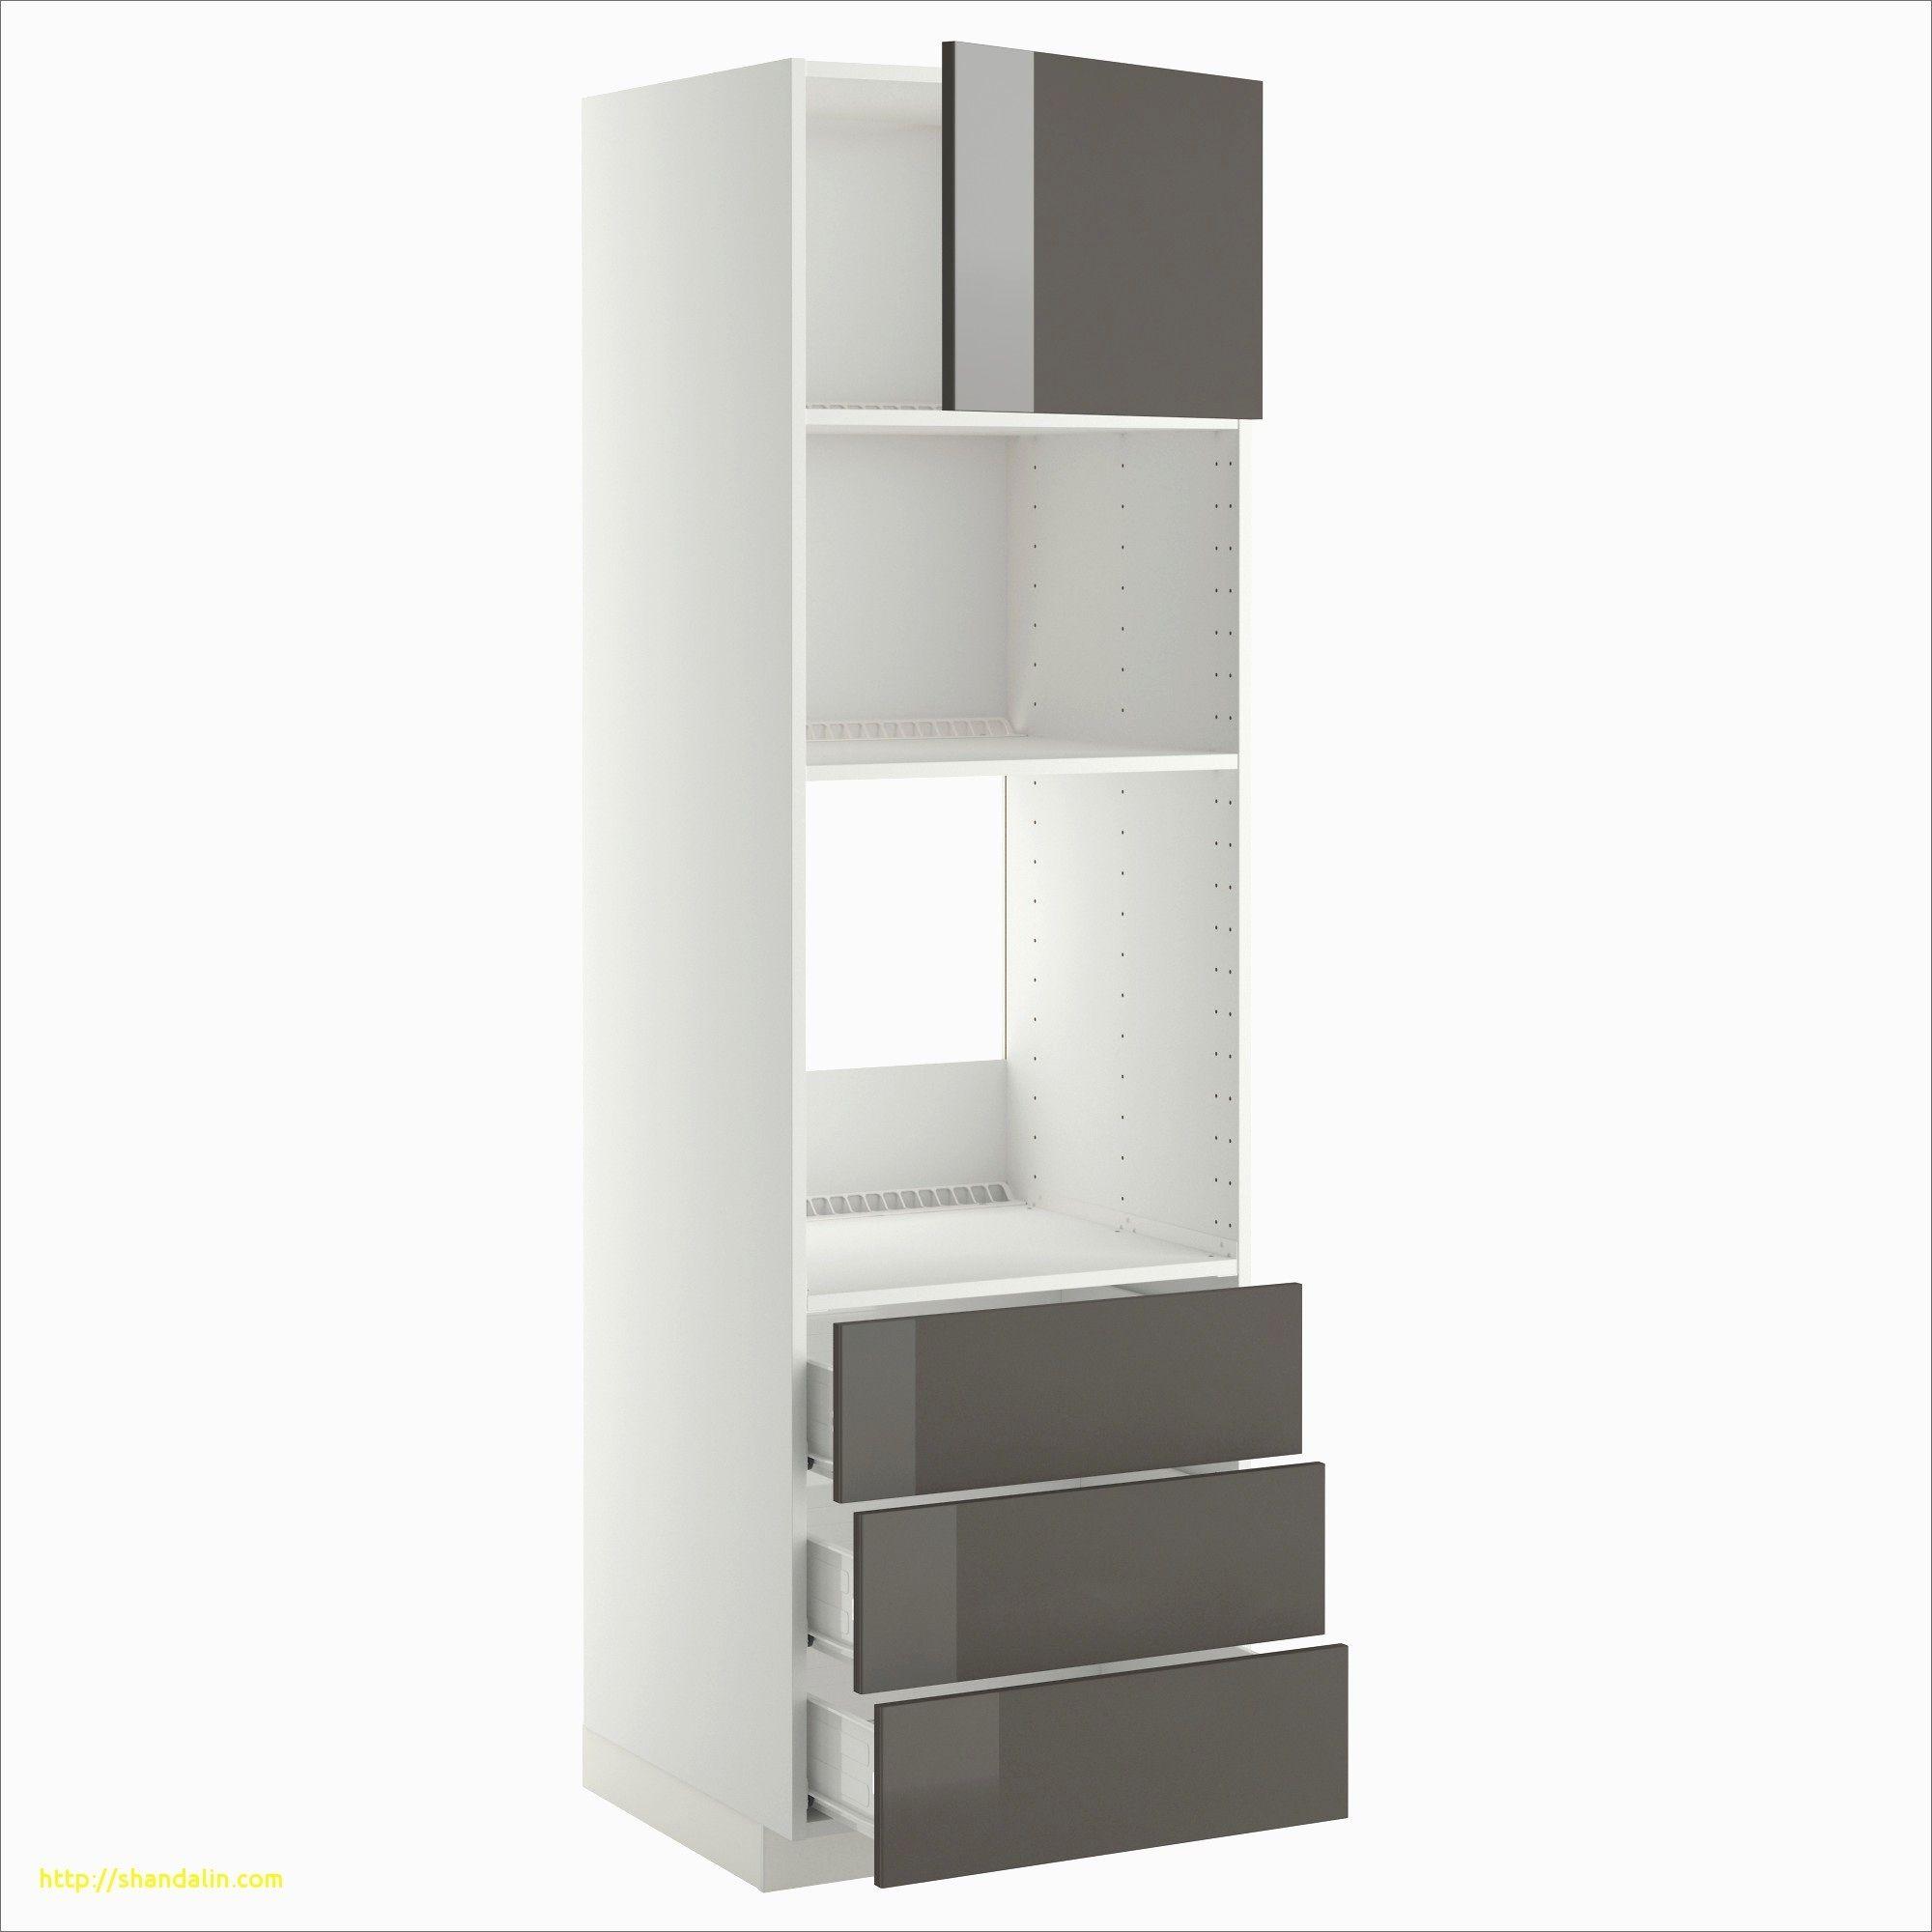 Meuble Sous Plaque Four Ikea colonne four et micro onde ikea ideas | meuble four et